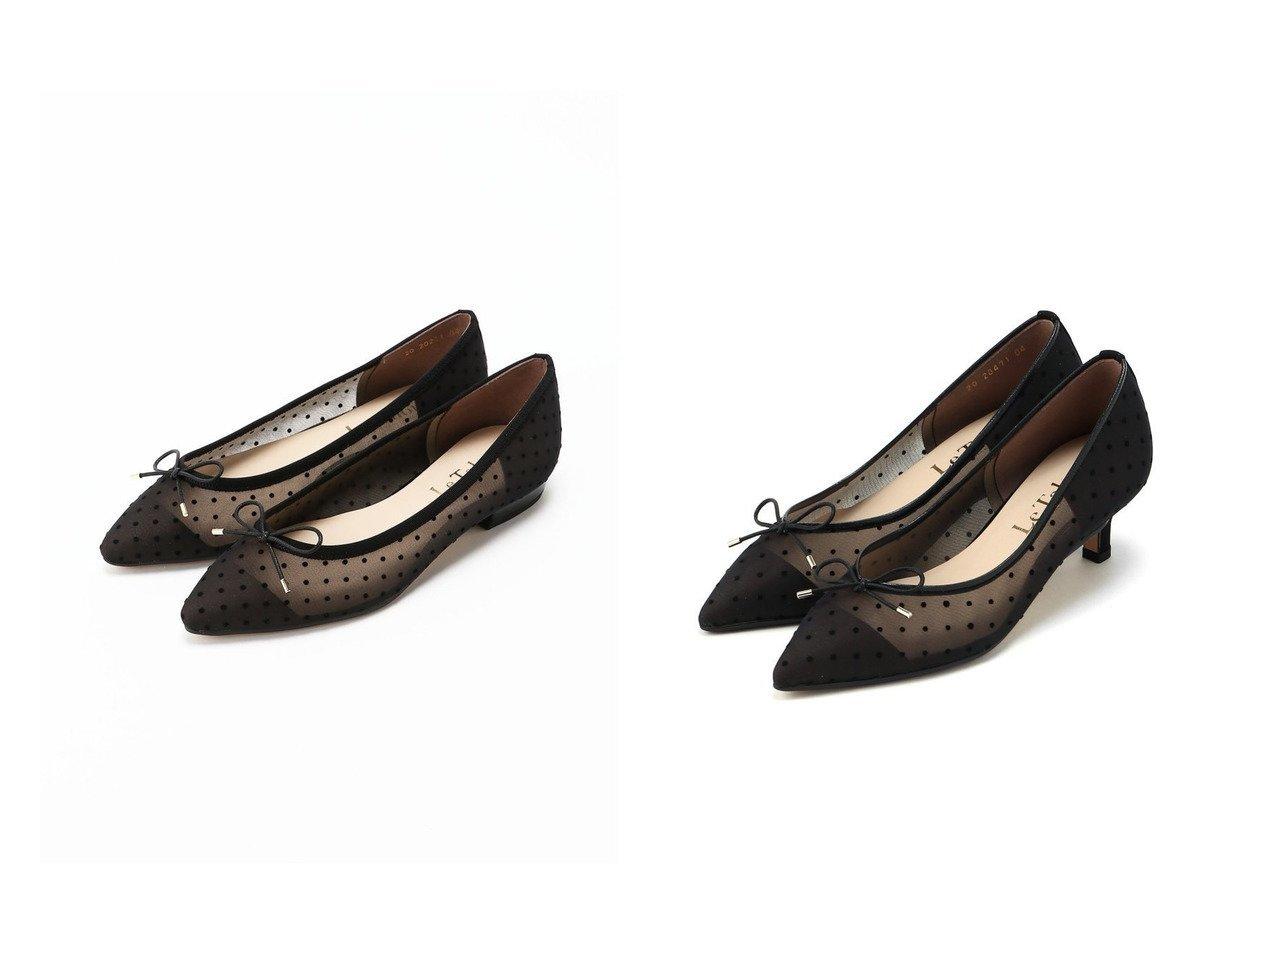 【Le Talon/ル タロン】の4.5cmVカットチュールリボンPS21-255&POチュールバレエ 【シューズ・靴】おすすめ!人気、トレンド・レディースファッションの通販 おすすめで人気の流行・トレンド、ファッションの通販商品 メンズファッション・キッズファッション・インテリア・家具・レディースファッション・服の通販 founy(ファニー) https://founy.com/ ファッション Fashion レディースファッション WOMEN 2020年 2020 2020春夏・S/S SS・Spring/Summer/2020 S/S・春夏 SS・Spring/Summer おすすめ Recommend インソール クッション シューズ ワイド シアー ソックス タイツ チュール ドット フラット |ID:crp329100000029185